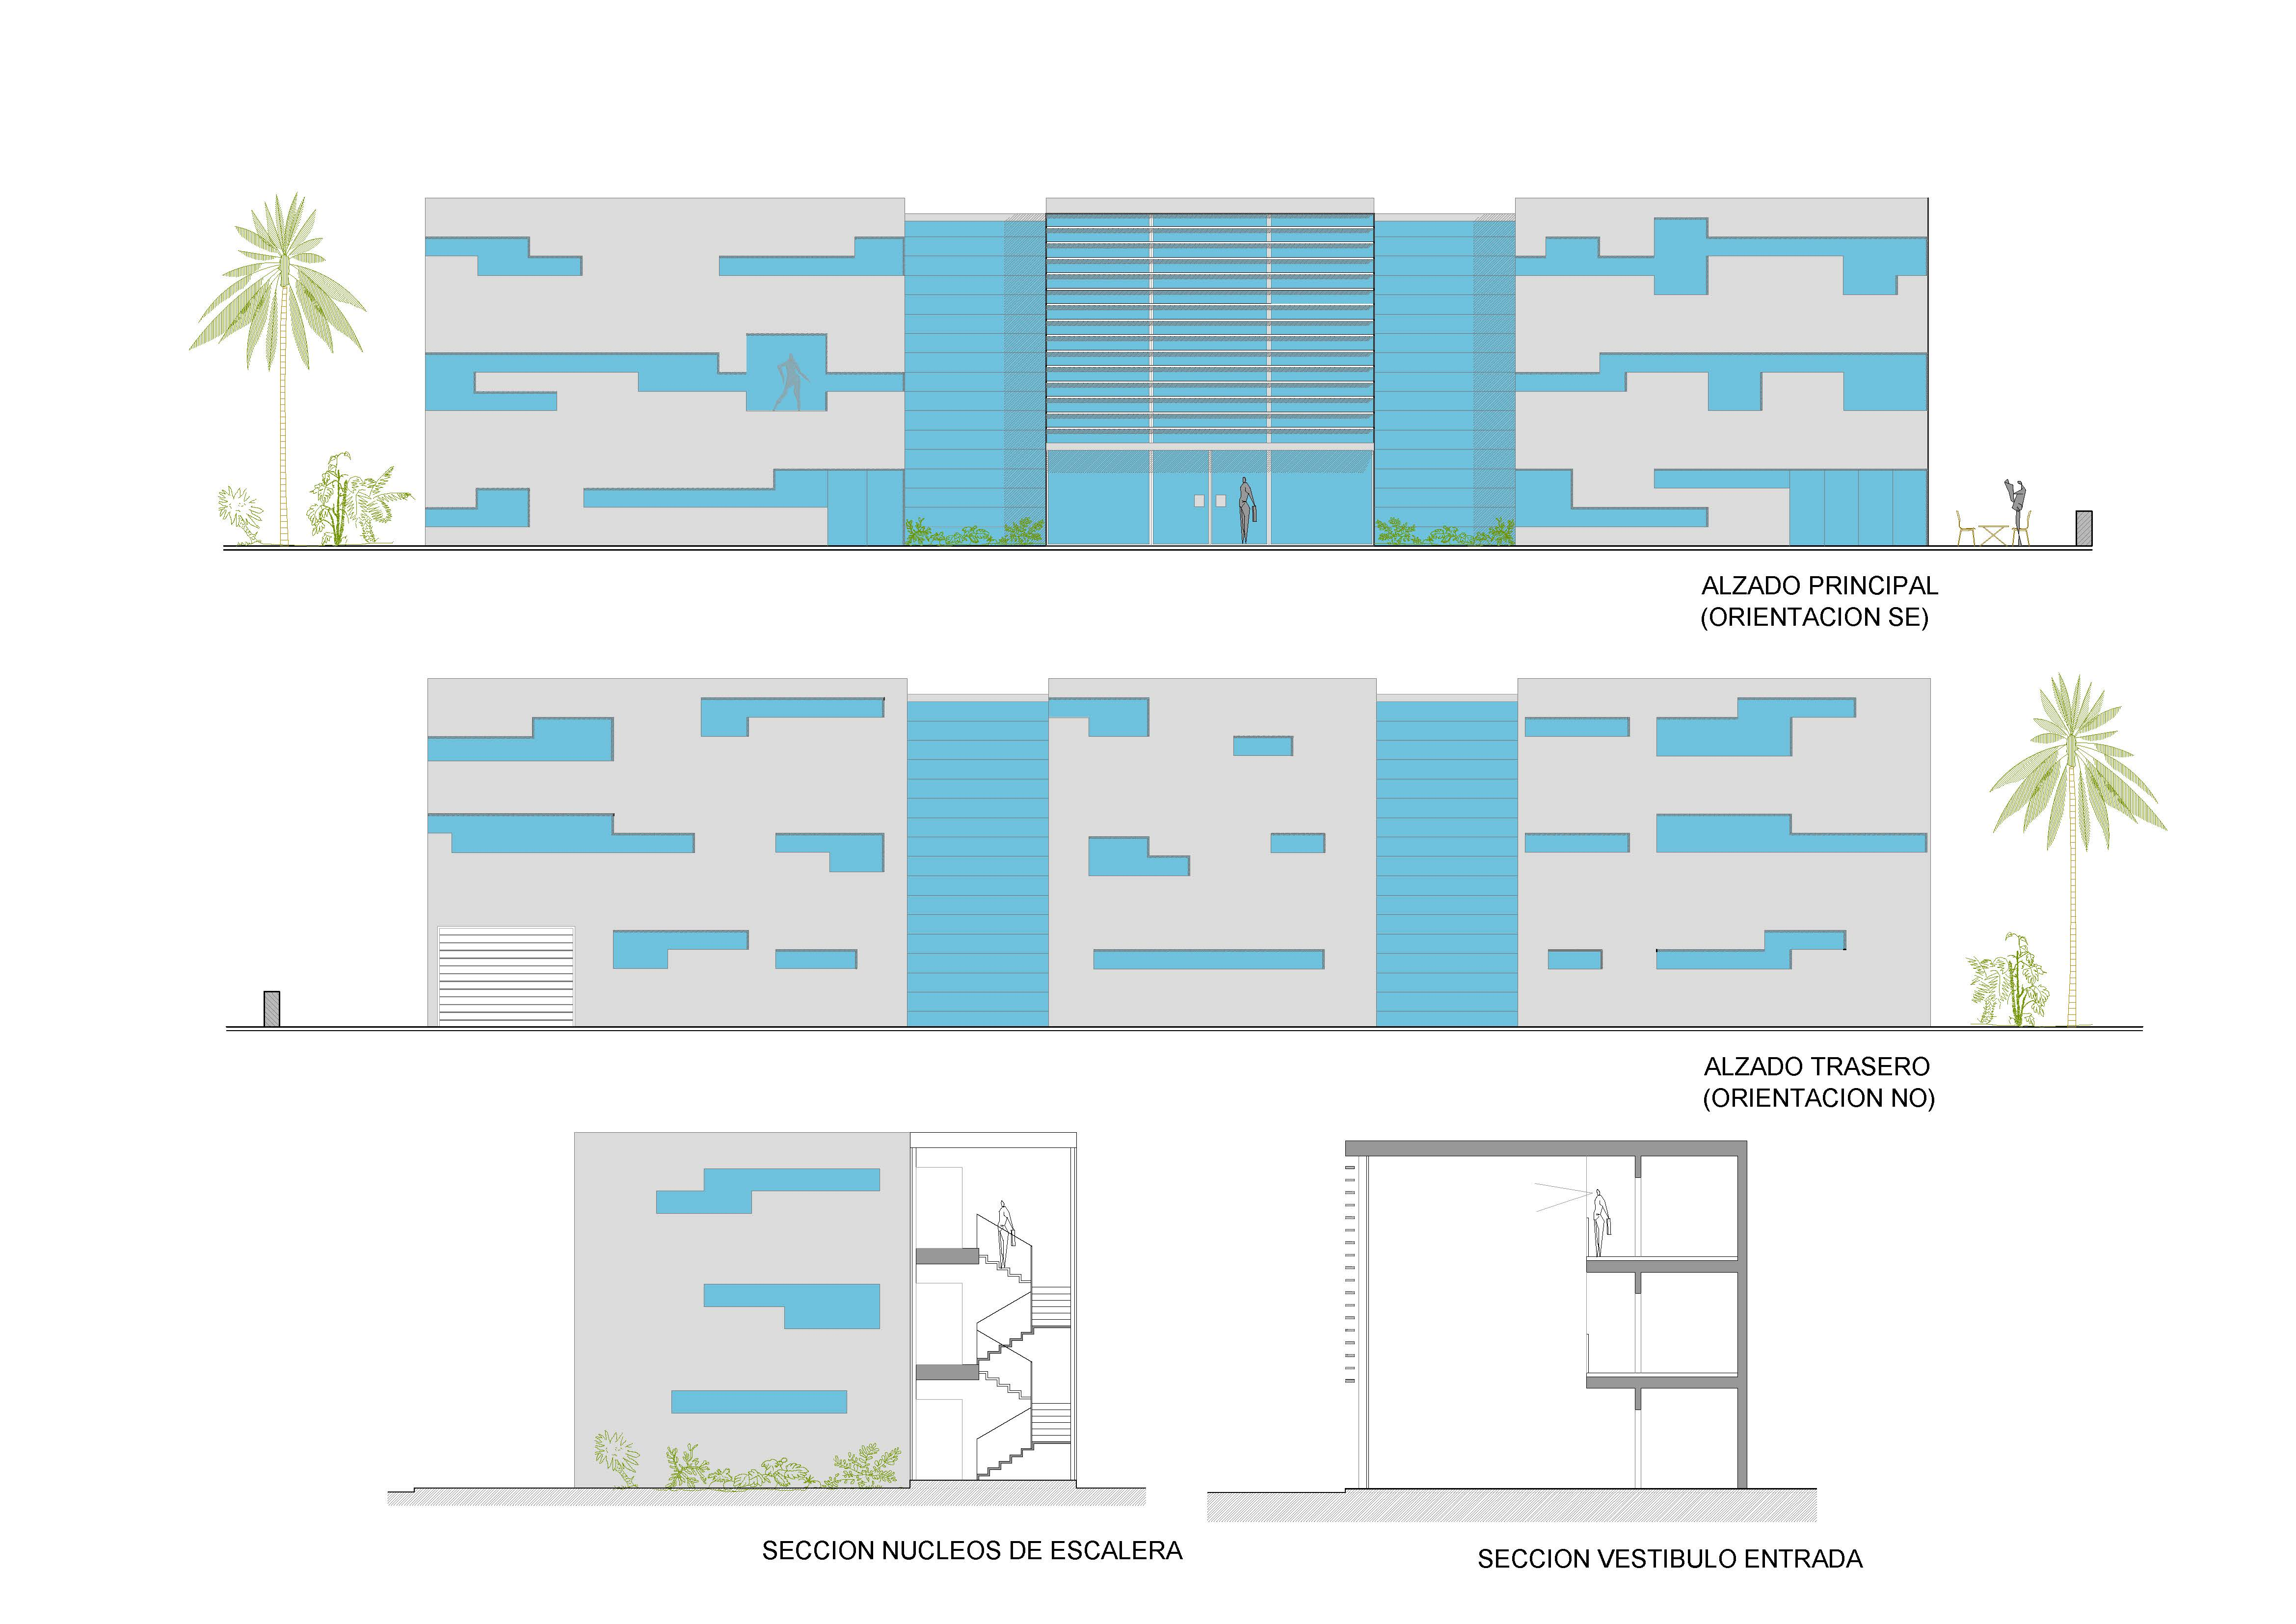 Anteproyecto de edificio destinado a oficinas